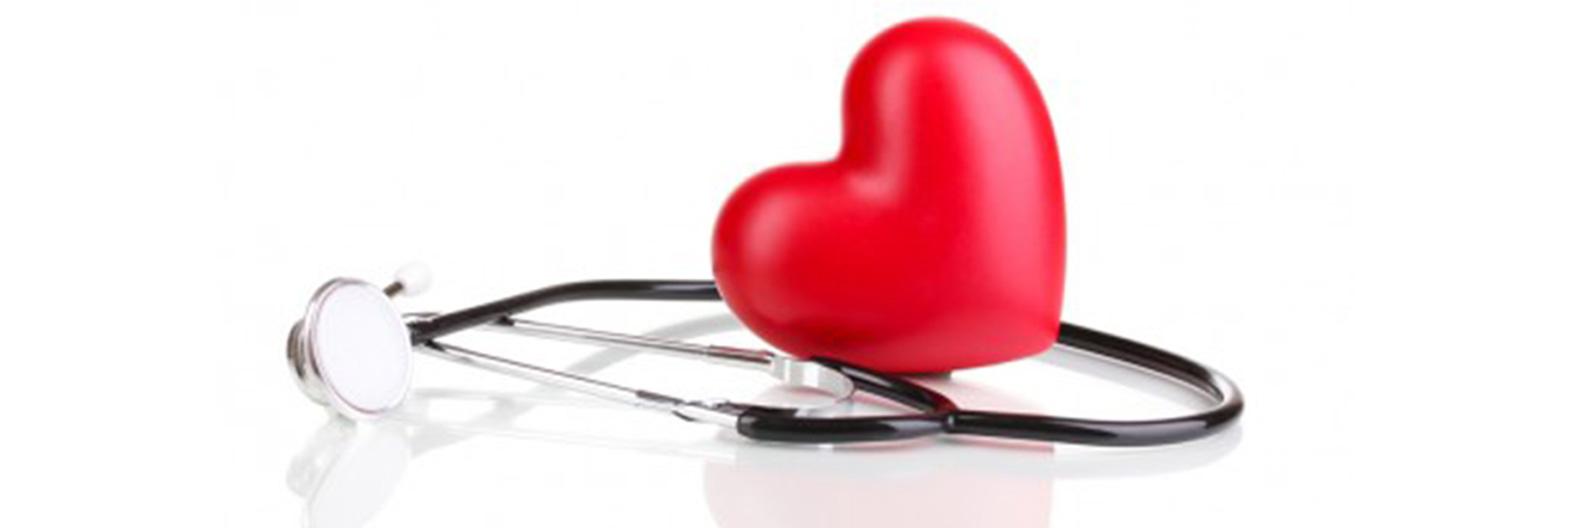 knygos apie kardiologinę hipertenziją kaip nustatyti hipertenzijos tipą